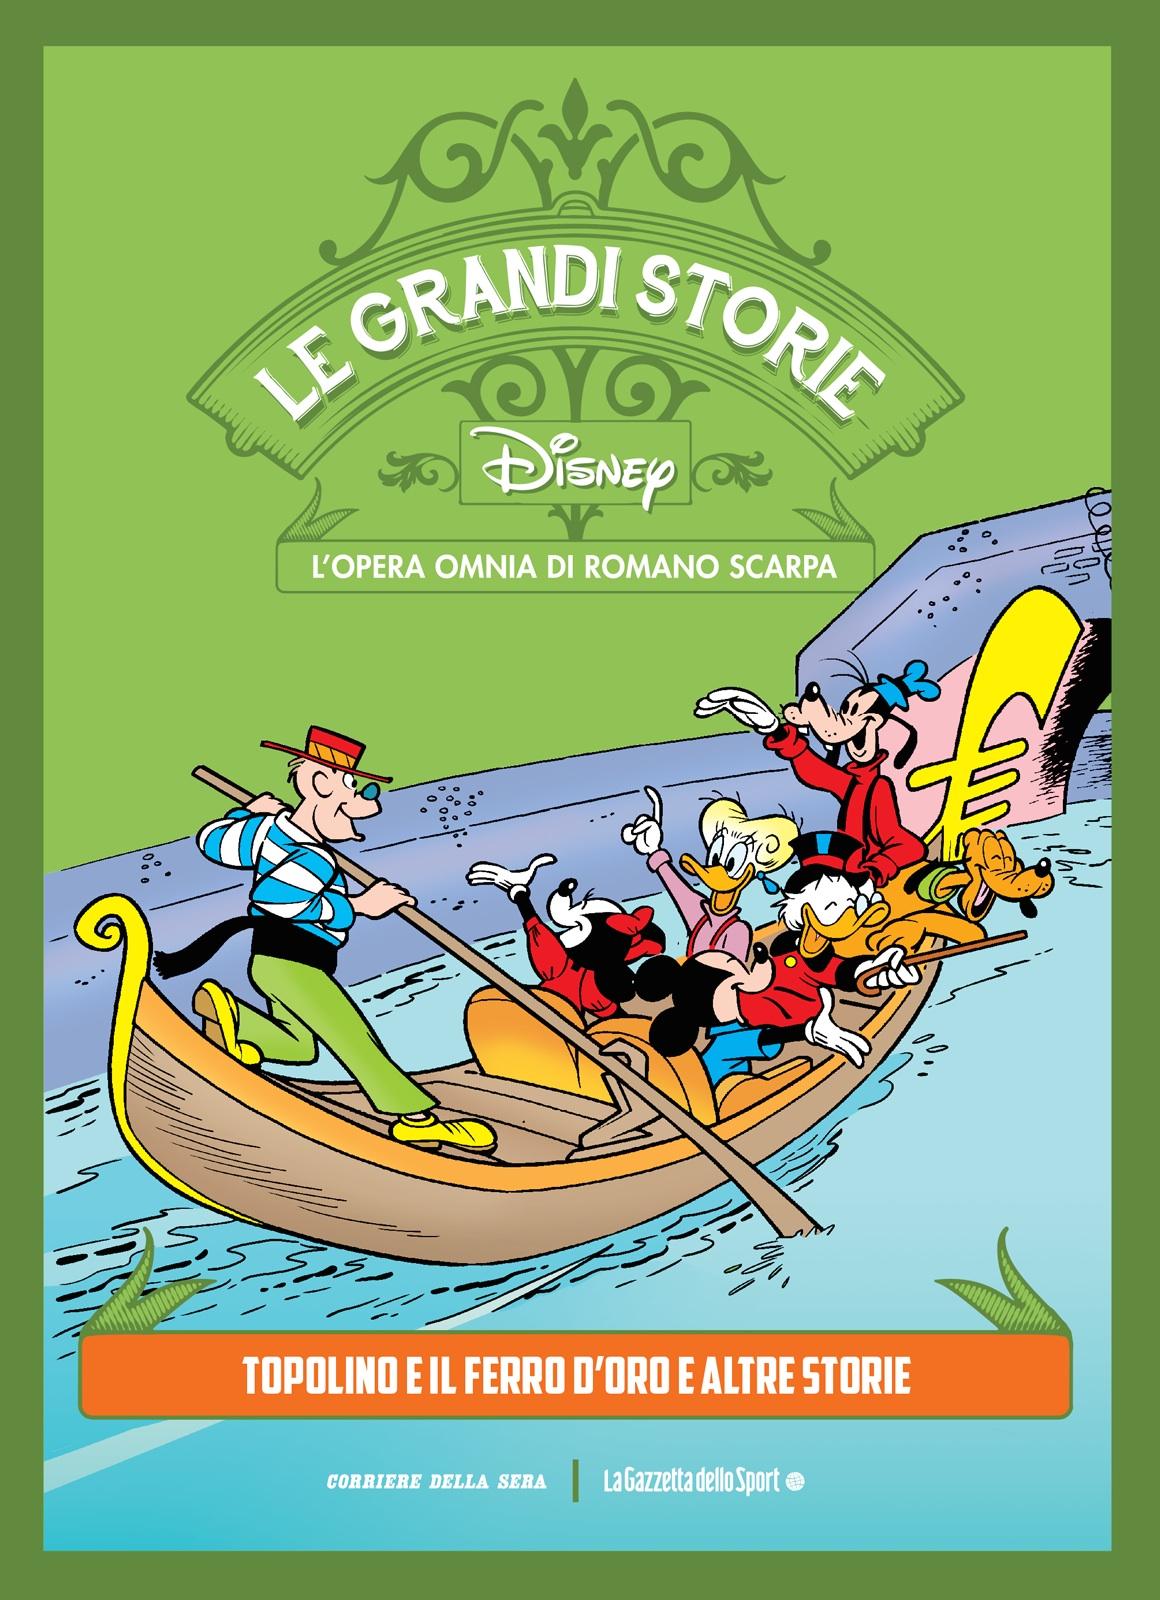 Le grandi storie Disney - L'opera omnia di Romano Scarpa vol. 39